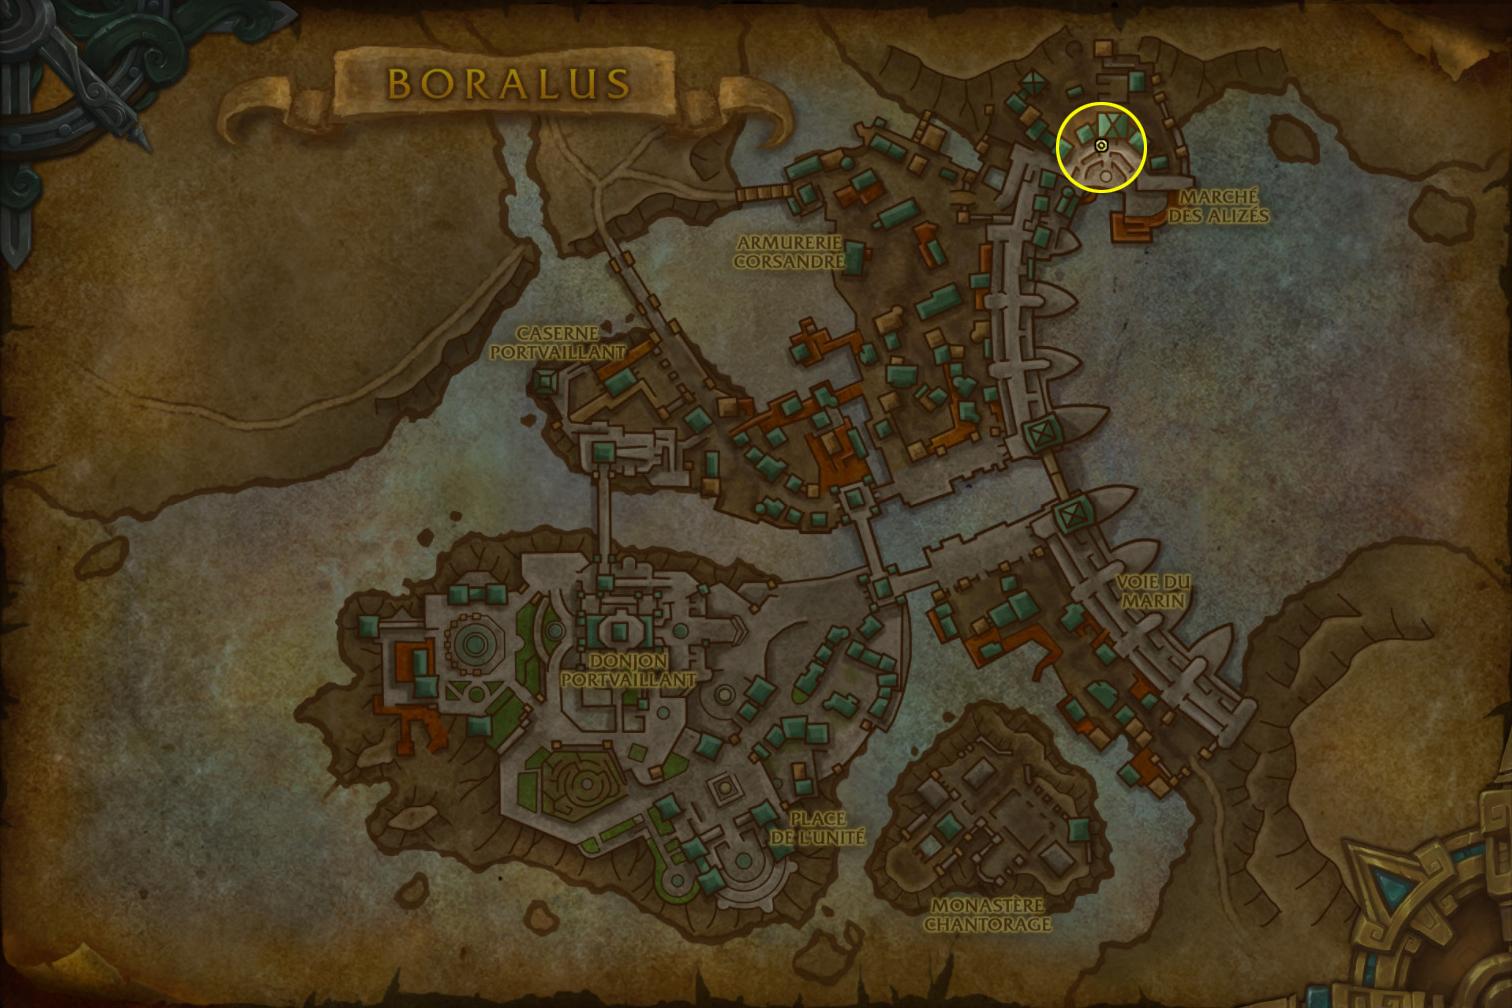 Les joueurs de l'Alliance doivent se rendre à Boralus